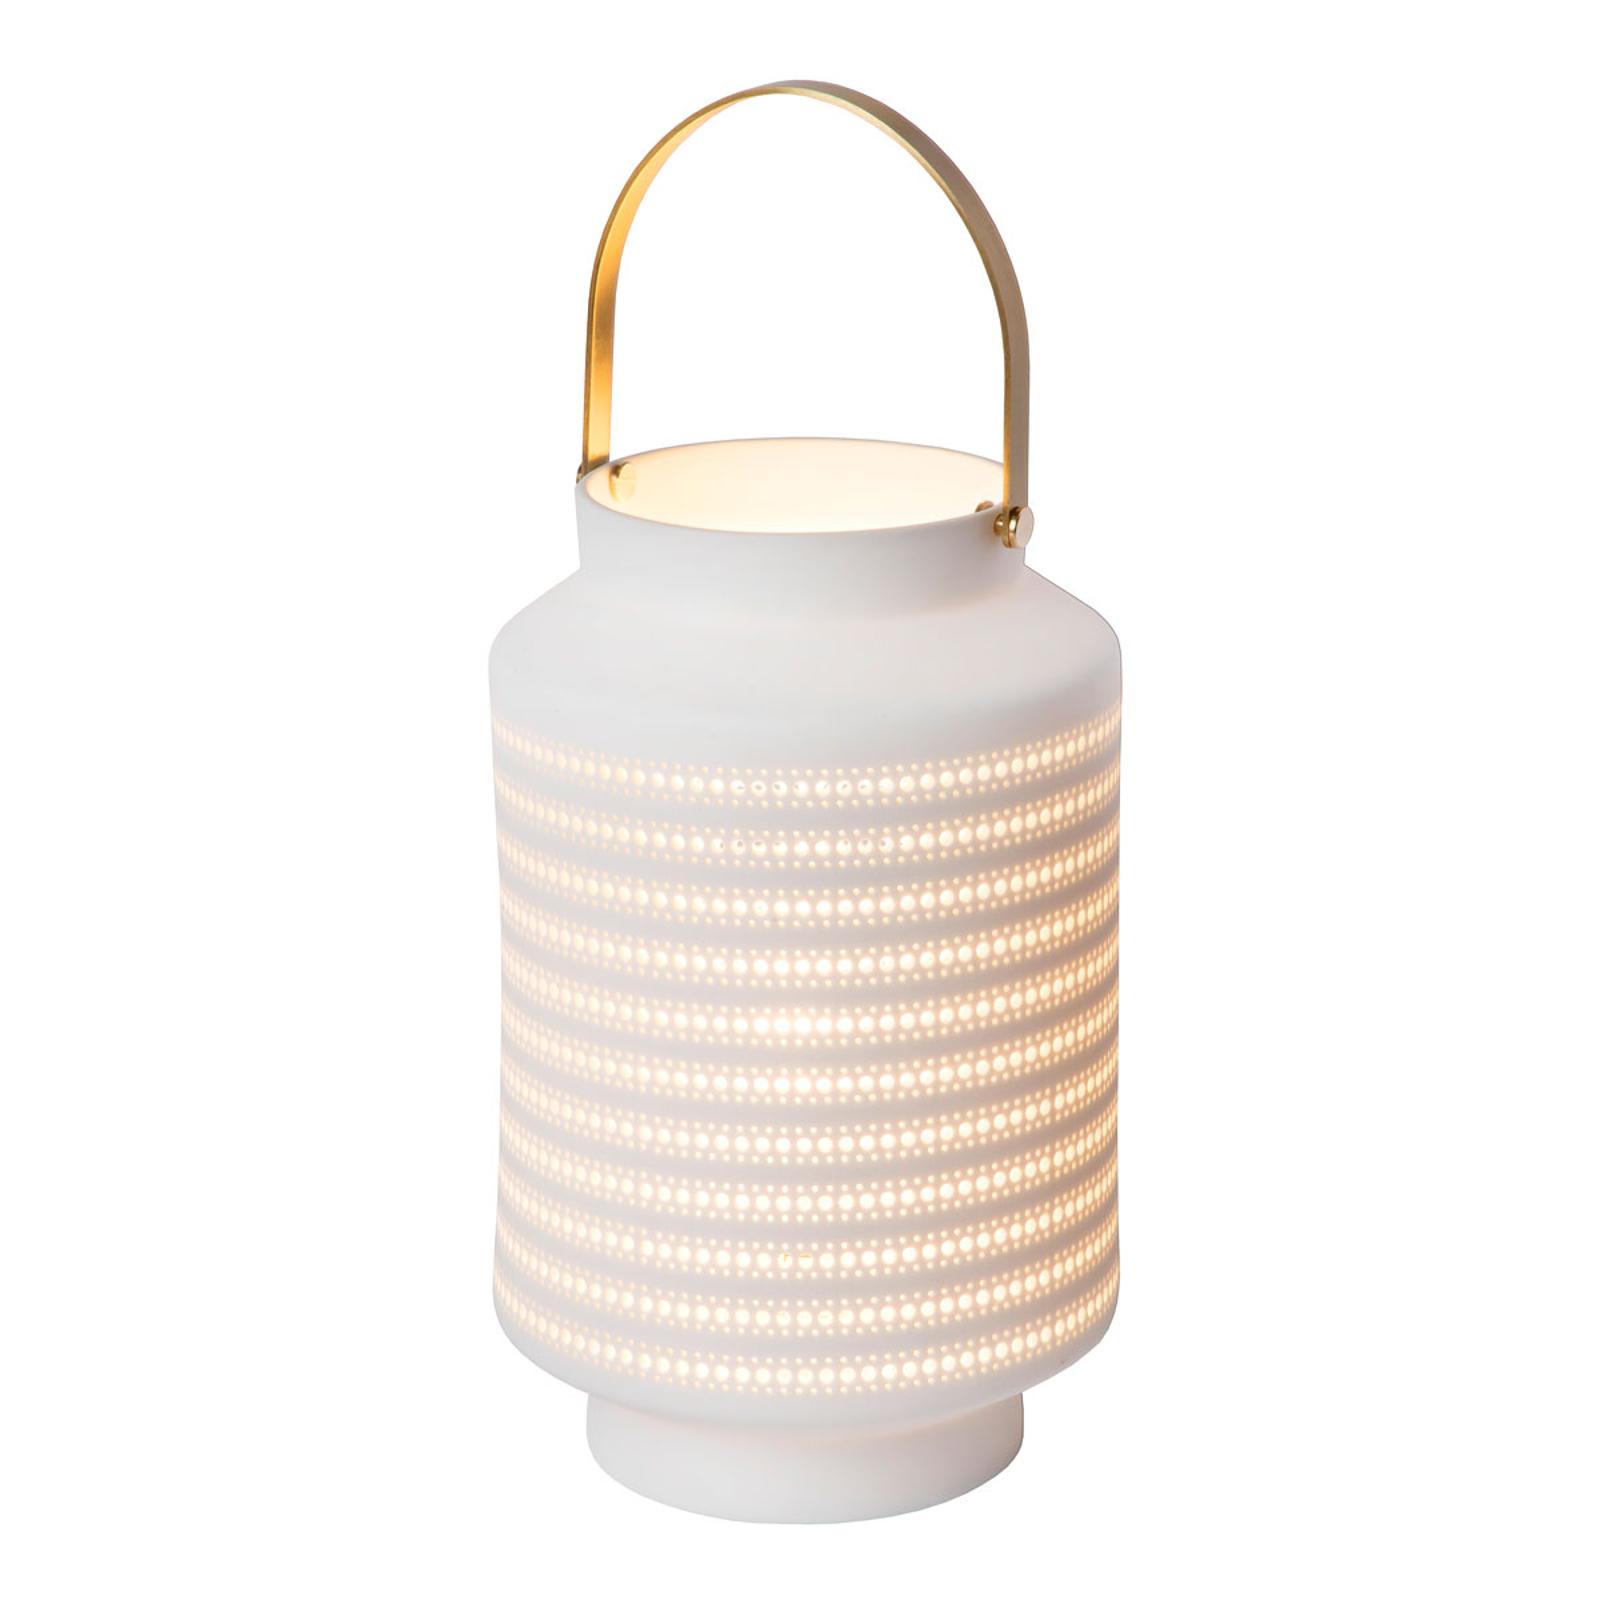 Jamila bordlampe i porcelæn, hvid